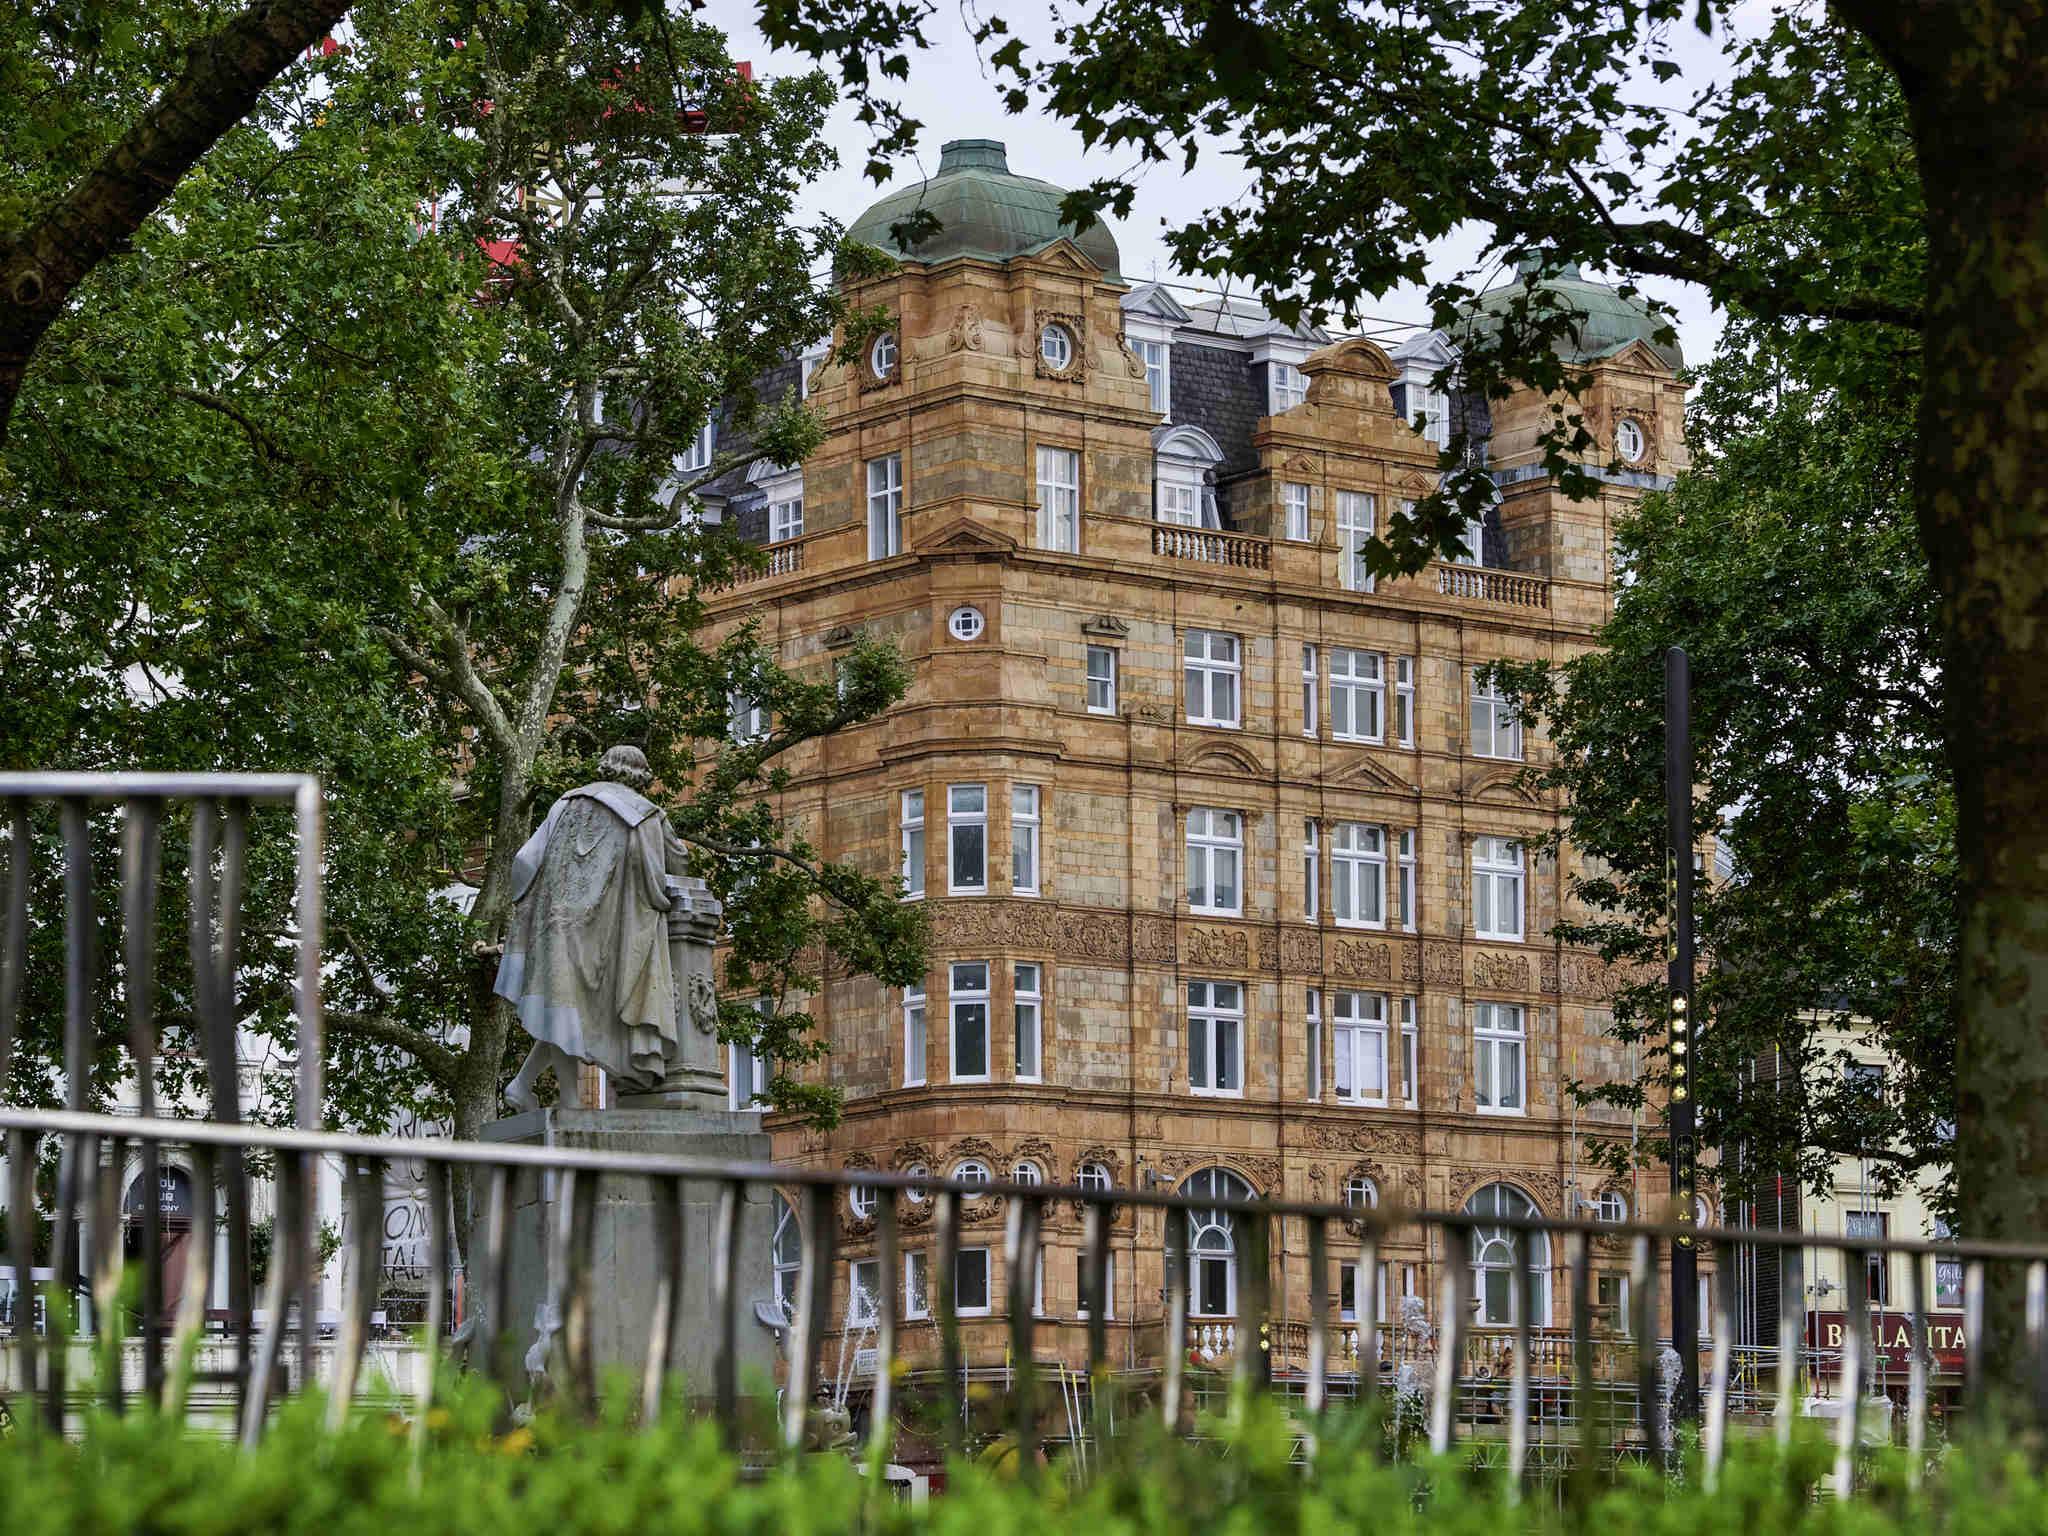 酒店 – 伦敦莱斯特广场胜利之家美憬阁酒店